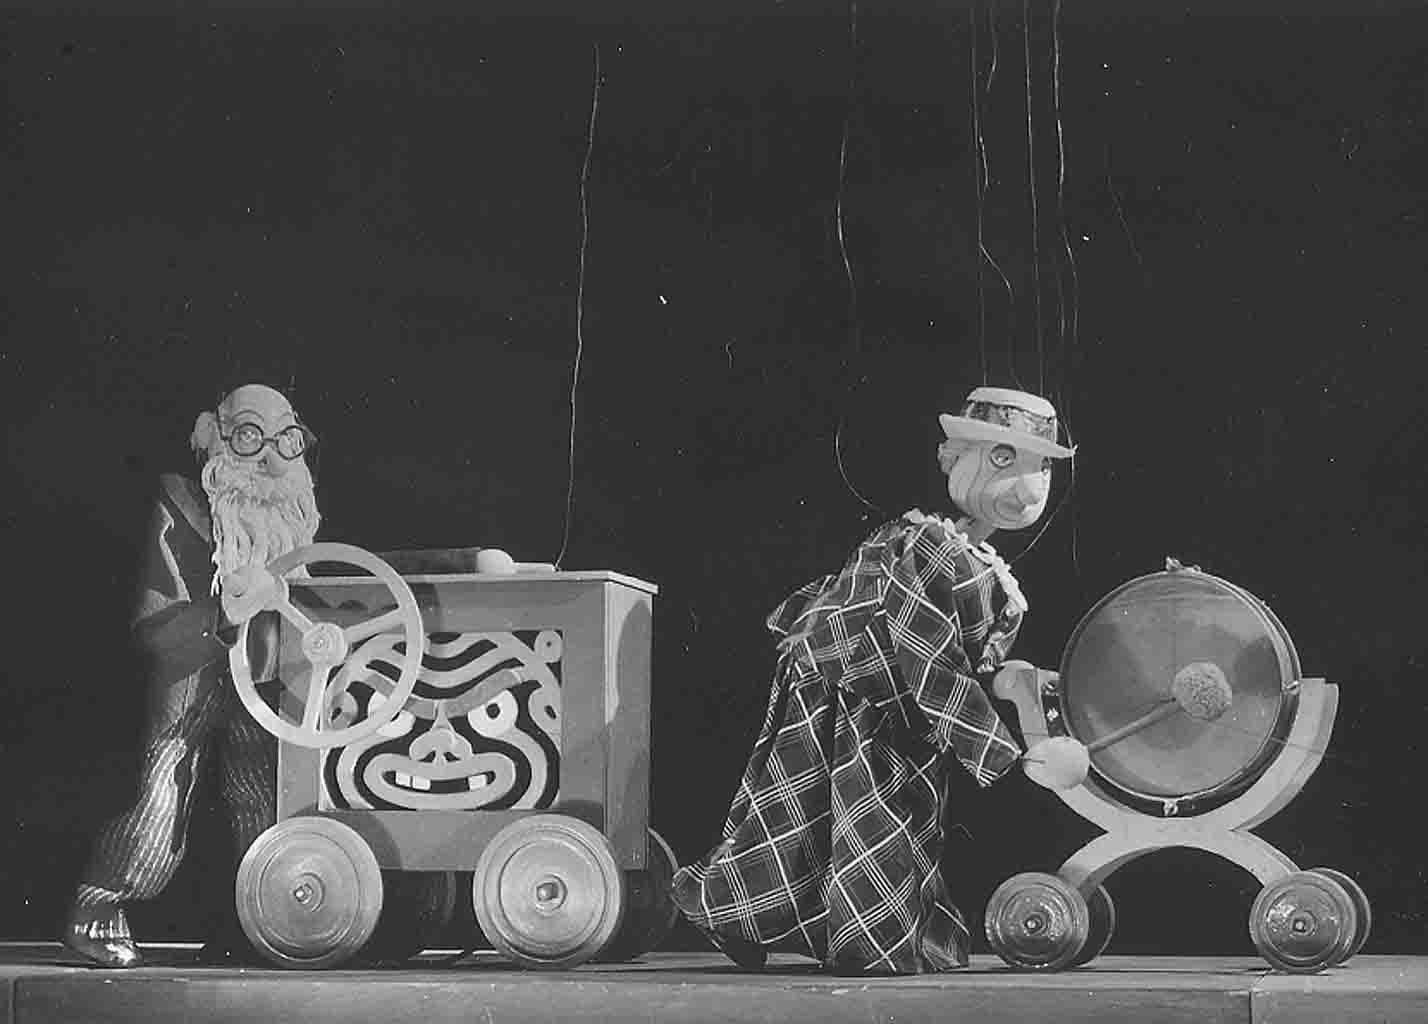 <em>Míček Flíček</em> (1936) por Loutkové divadlo Uměle<em>c</em>ké vý<em>c</em>hovy, puesta en es<em>c</em>ena y es<em>c</em>enografía: Jan Malík. Fotografía cortesía de Archivo de Nina Malíková